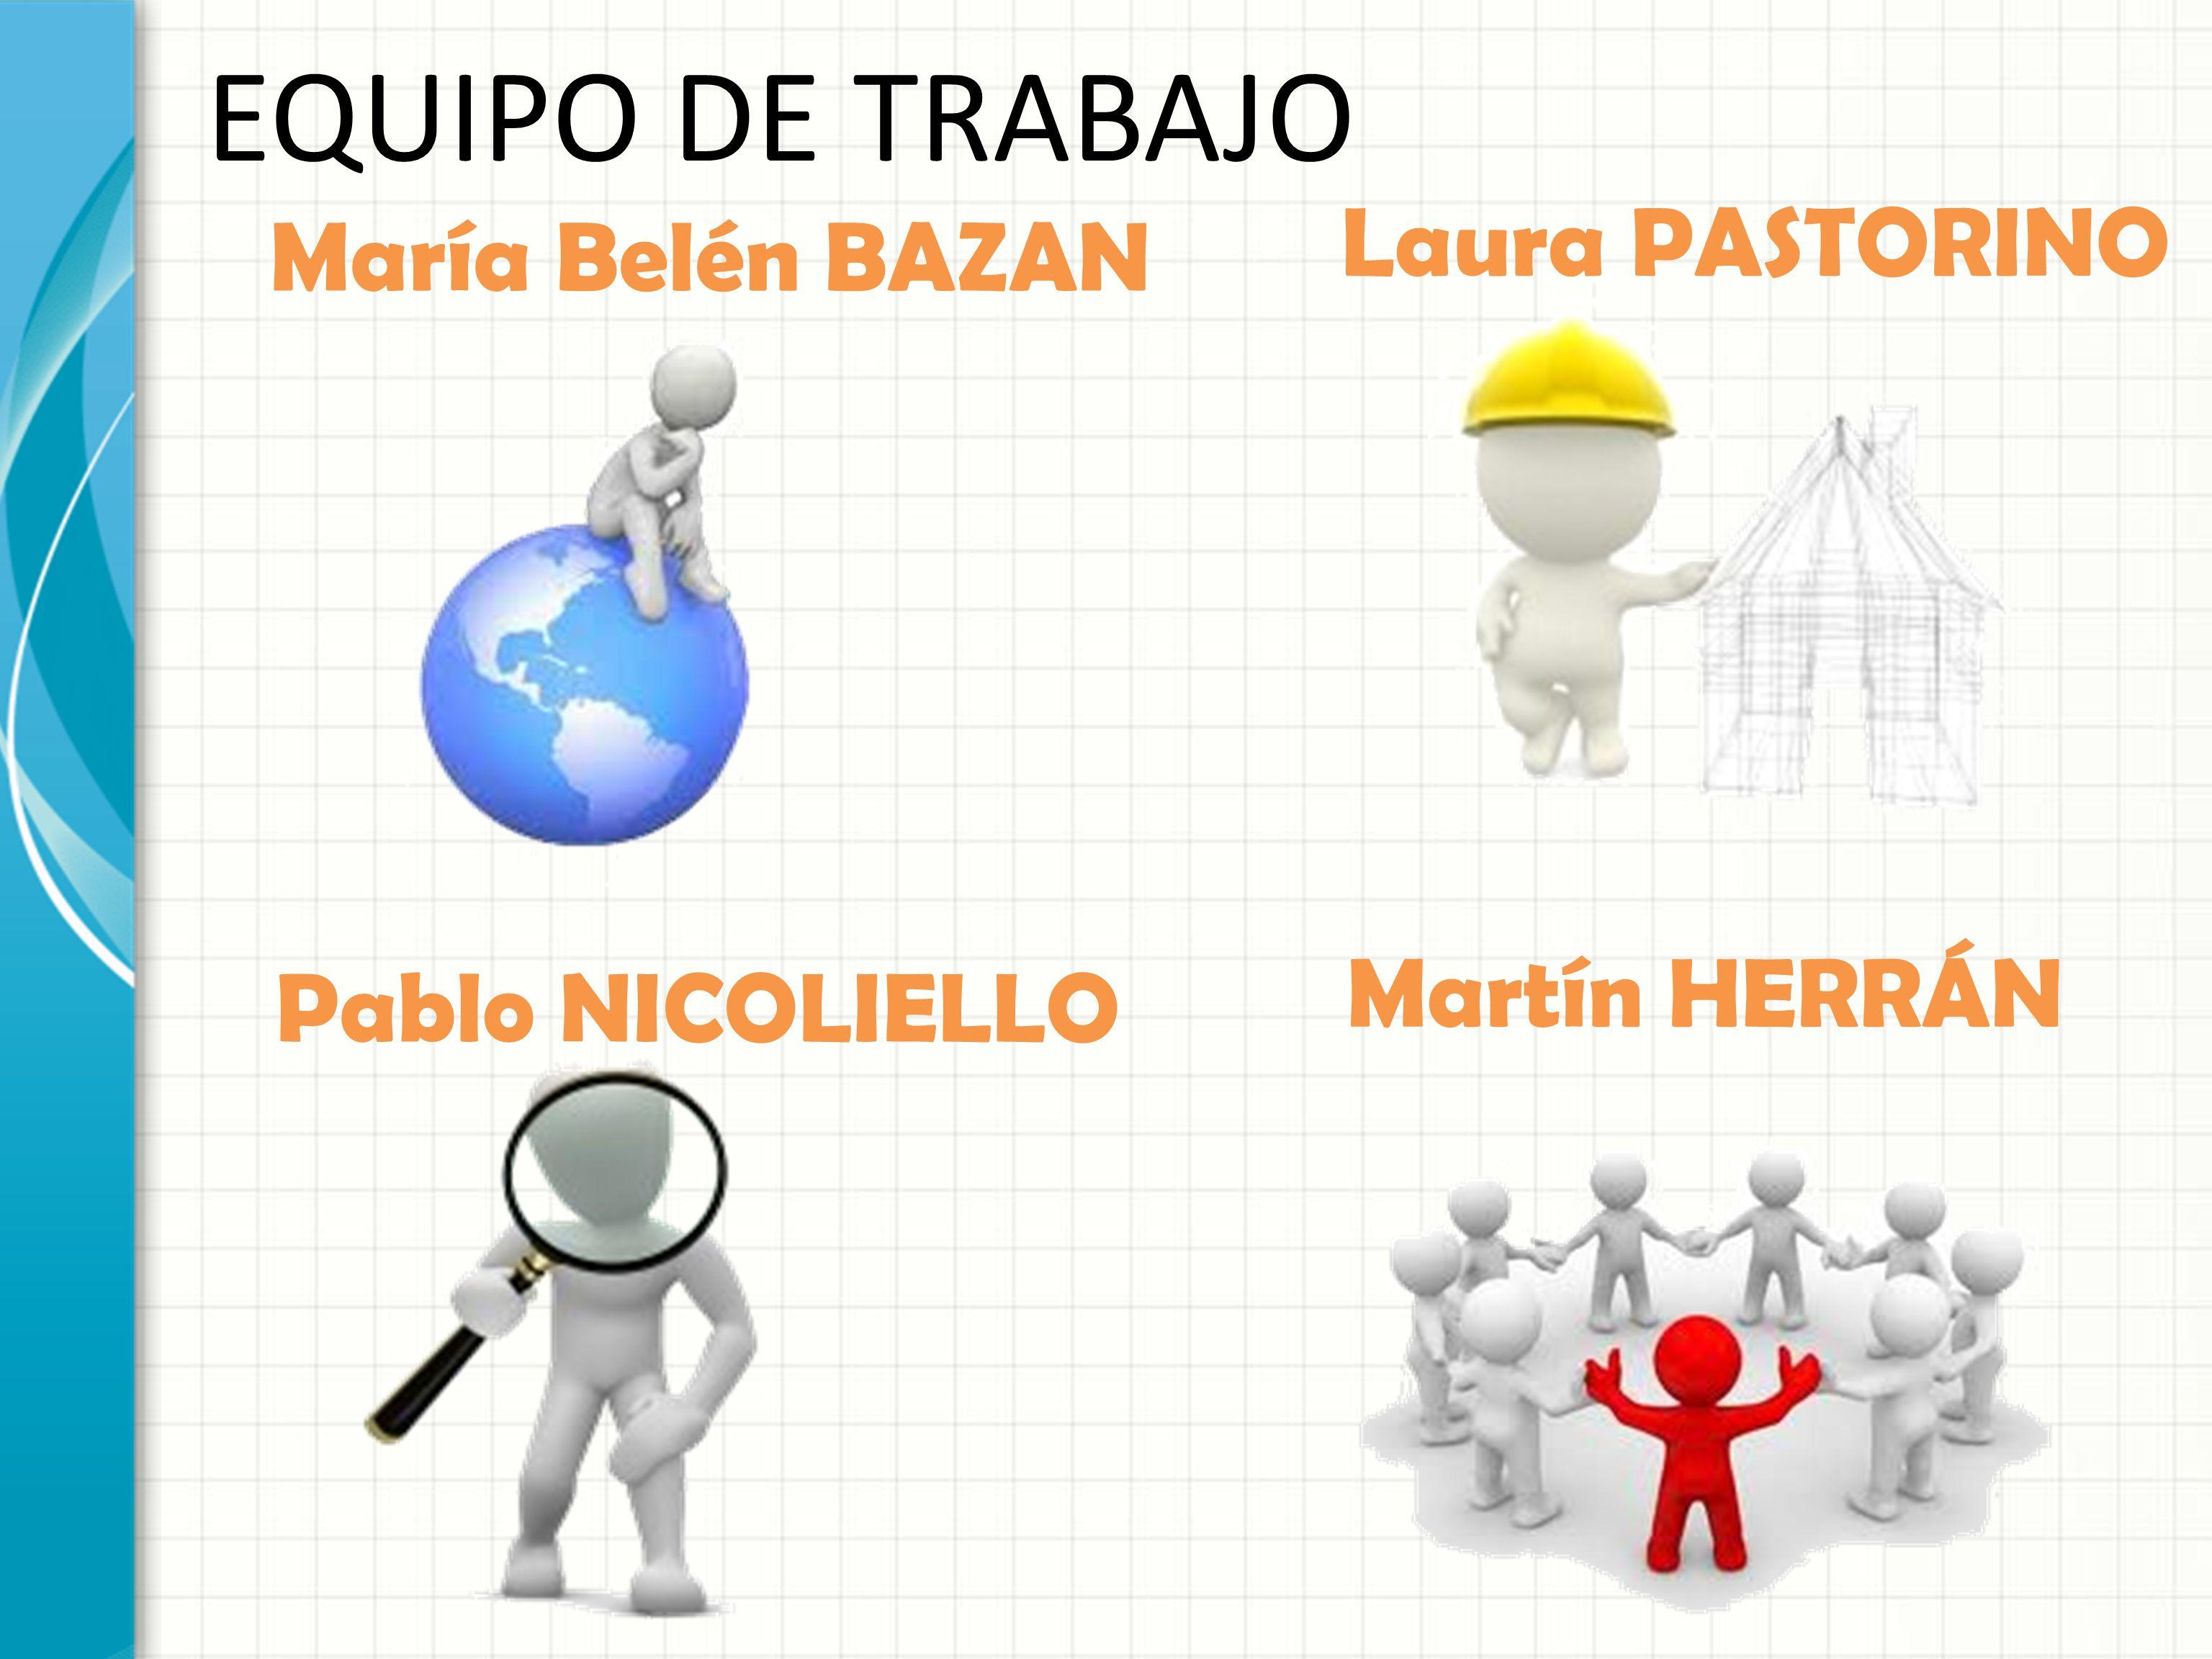 EQUIPO DE TRABAJO María Belén BAZAN Laura PASTORINO Pablo NICOLIELLO Martín HERRÁN